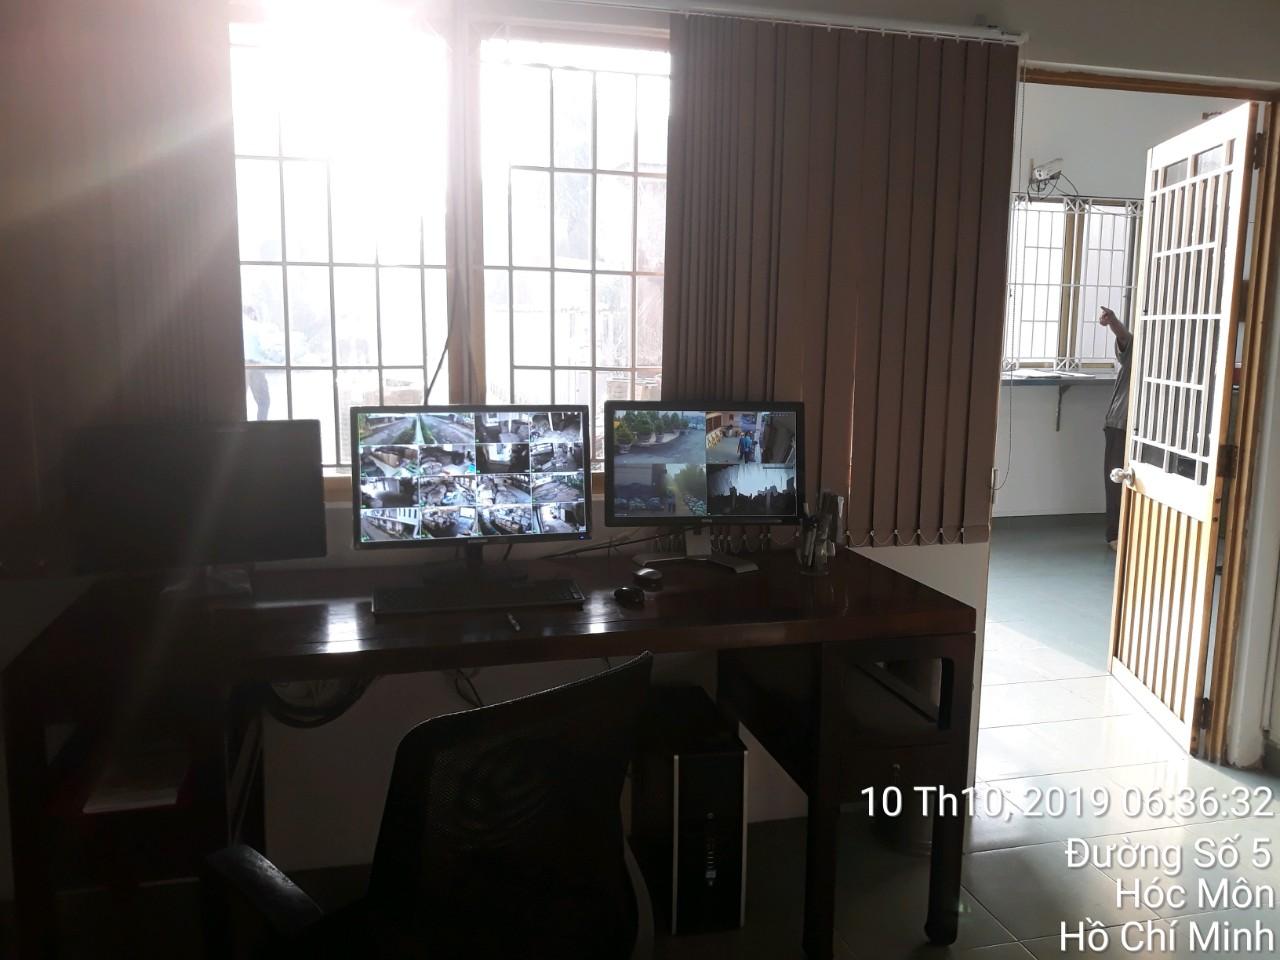 Cung cấp bảo vệ giám sát Camera Cty Hưng Thái 247